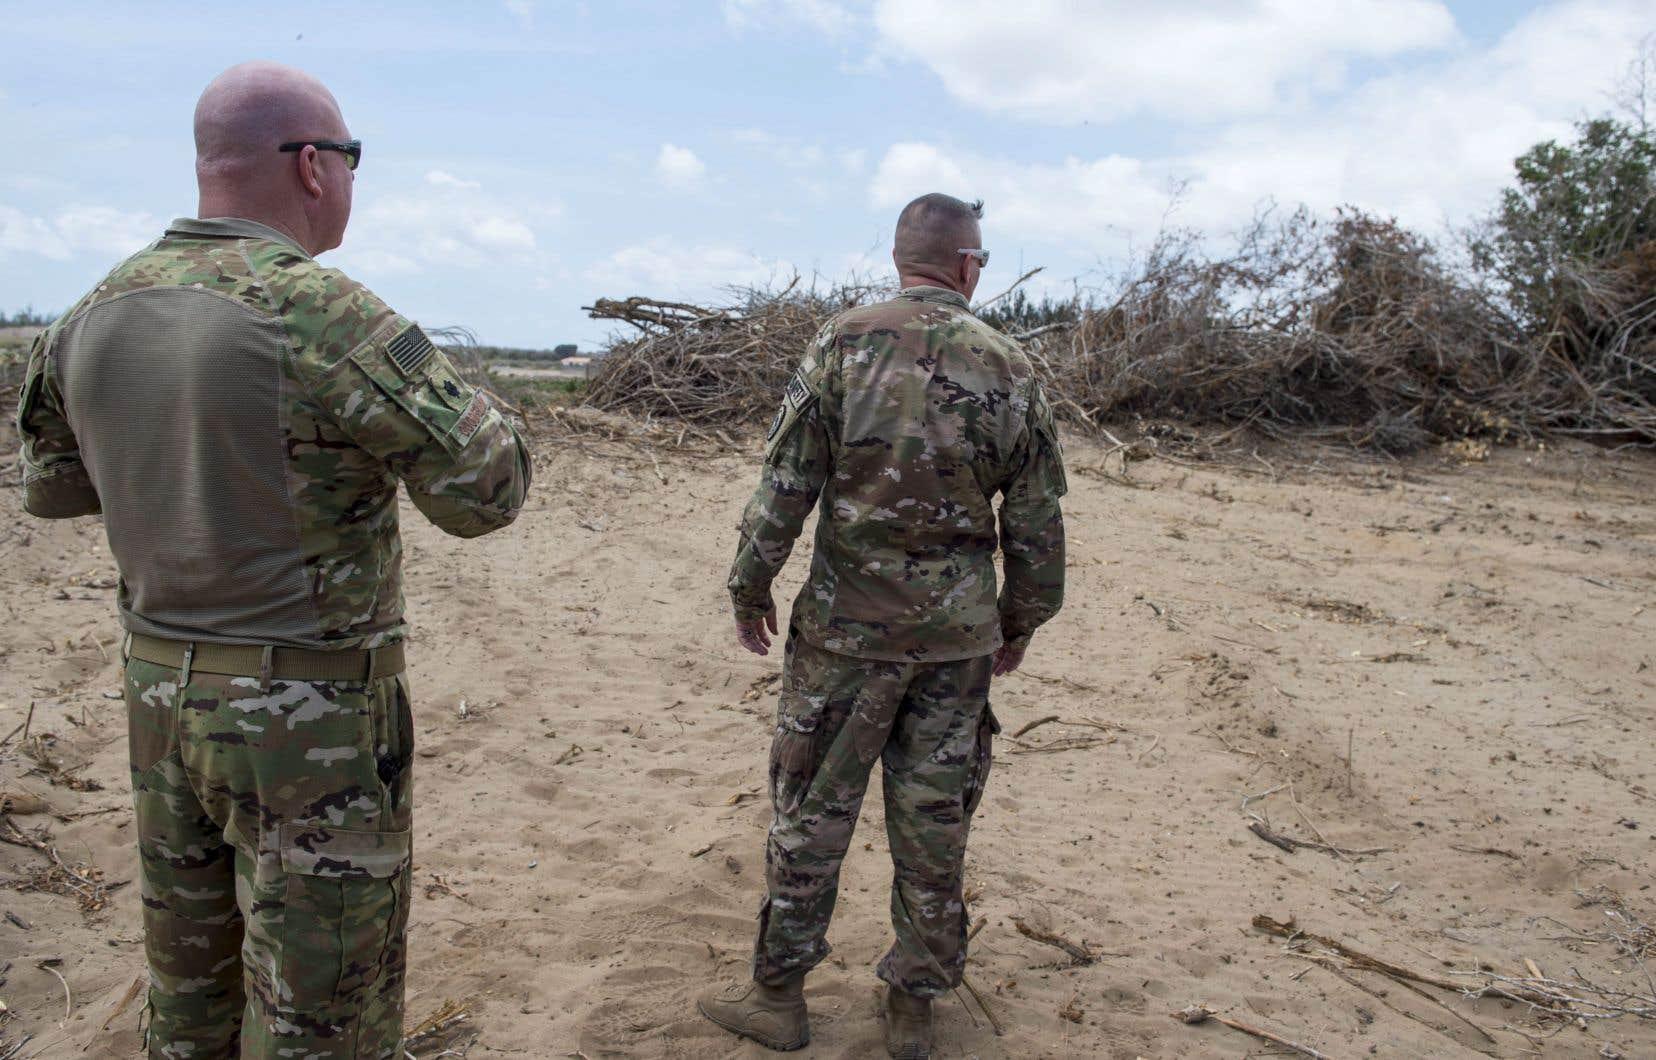 Les États-Unis veulent réduire le nombre de leurs militaires déployés à travers l'Afrique au cours des prochaines années.